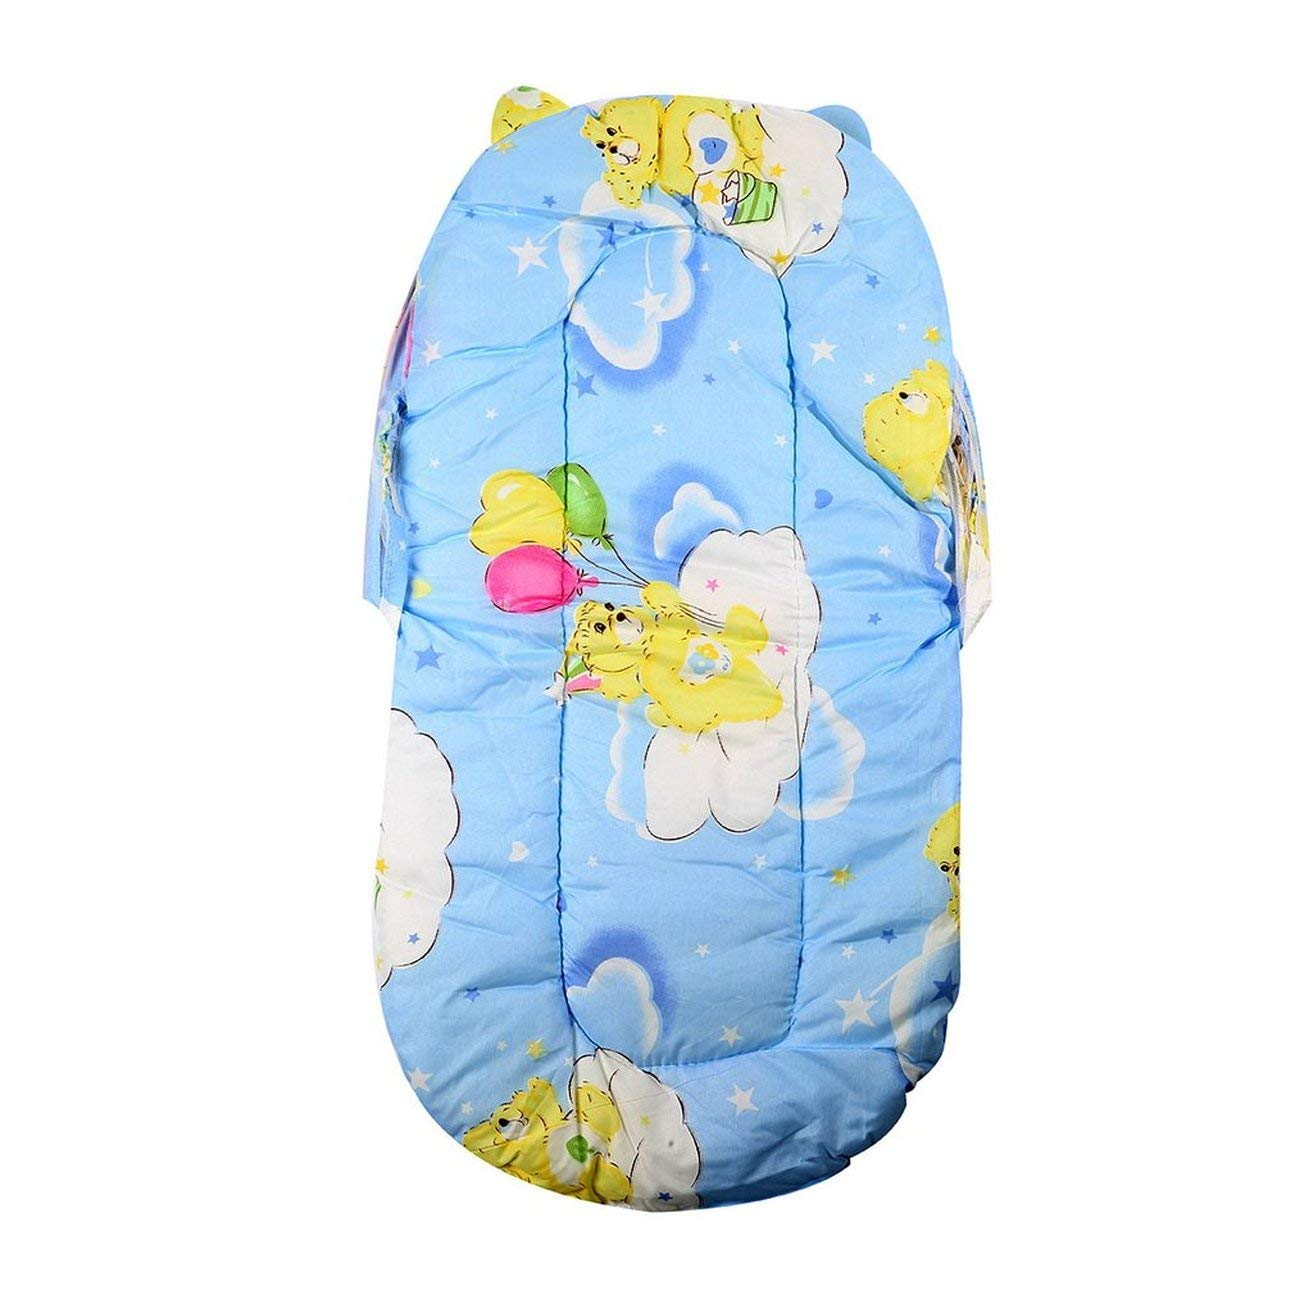 Pieghevole New Baby Cotone imbottito Materasso Infantile Letto Cuscino Zanzariera Tenda Stand per bambini Accessori per lettino Hung Dome Pavimento blu